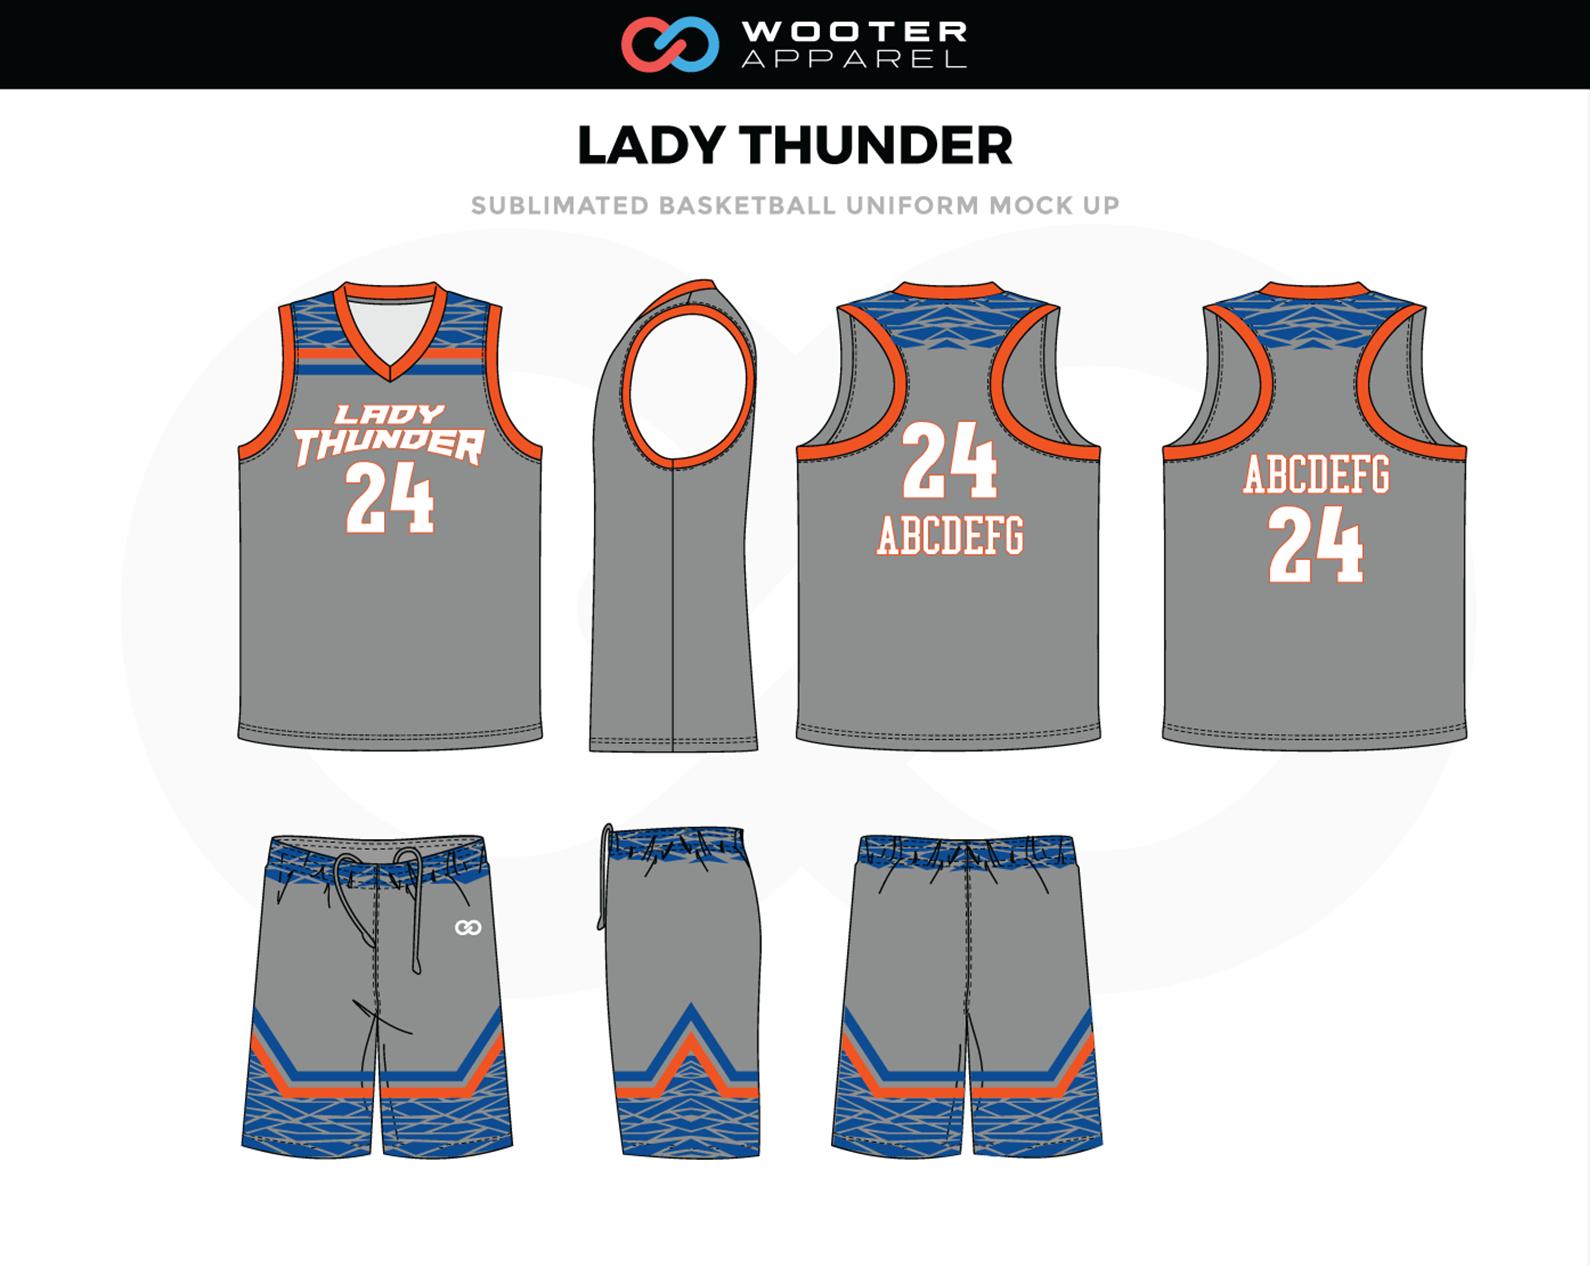 Lady-Thunder-Sublimated-Basketball-Uniform-Mock-Up_v4_2018.png